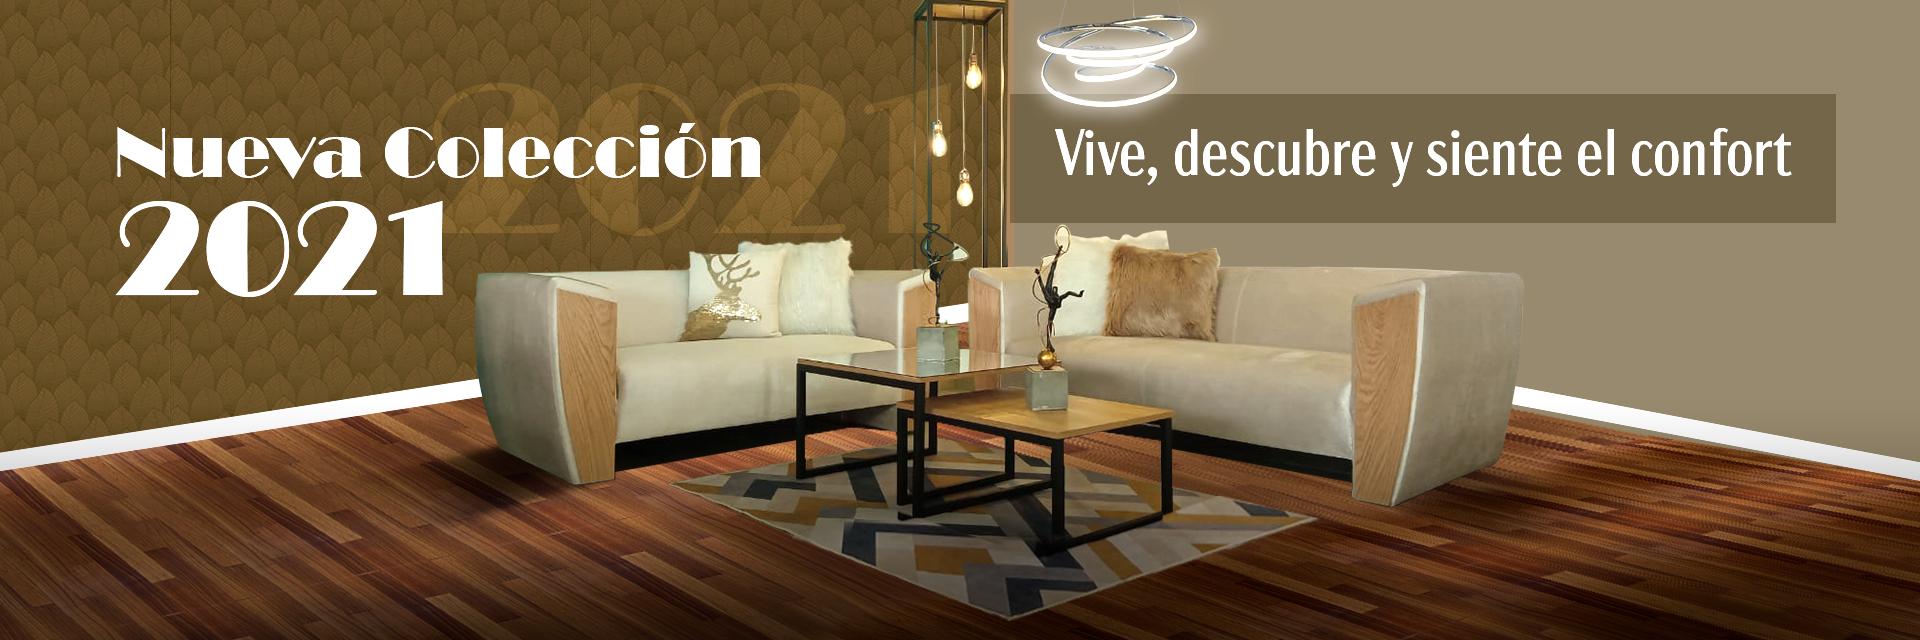 Nueva-colecion-muebles